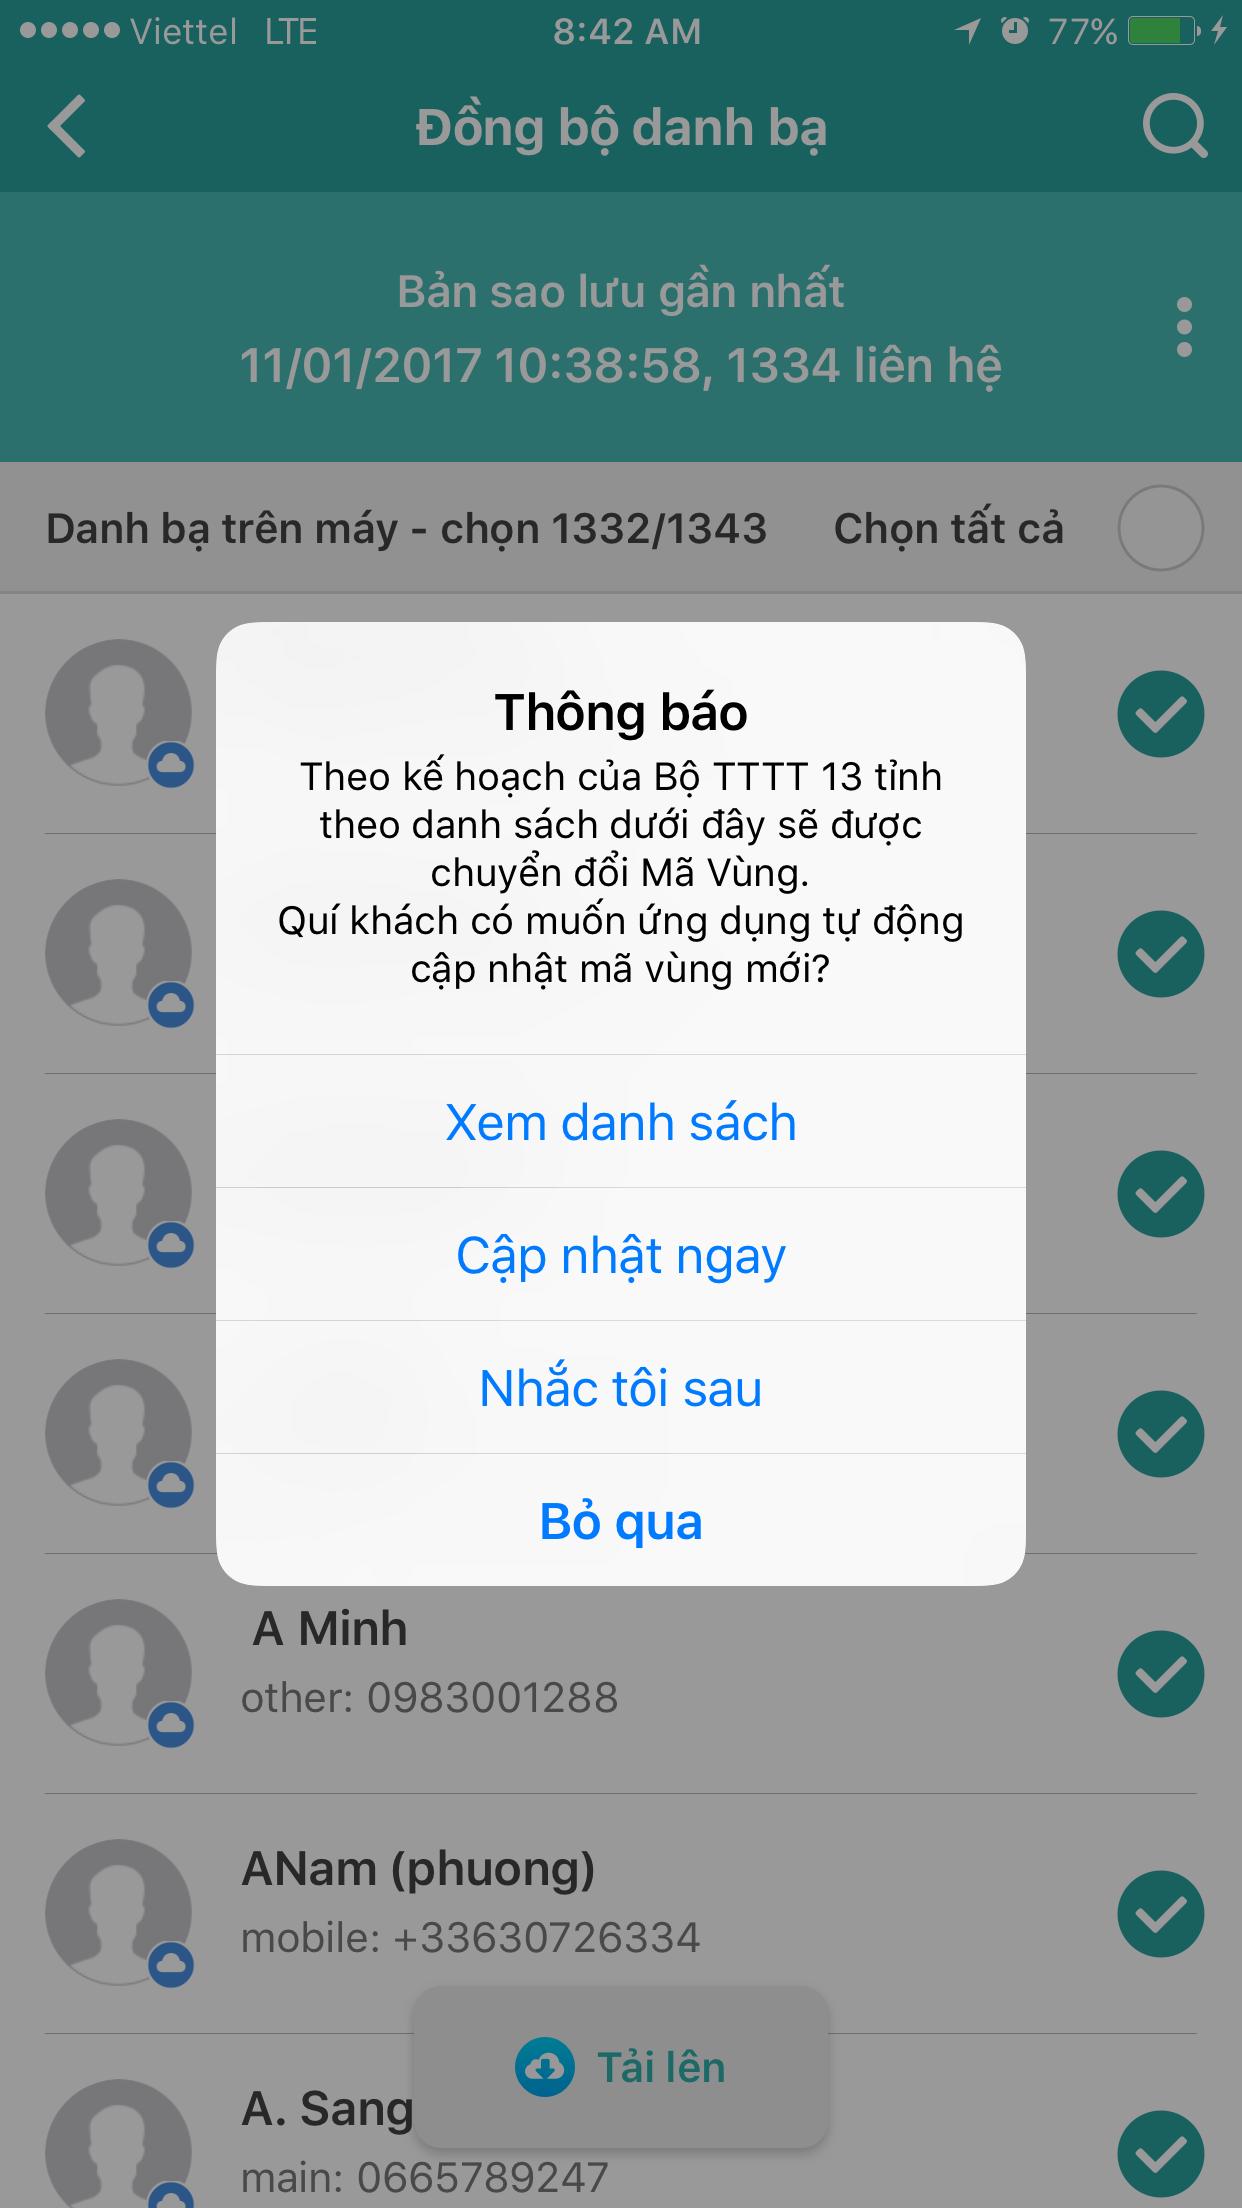 Đồng bộ danh bạ với mã vùng mới bằng ứng dụng My Viettel